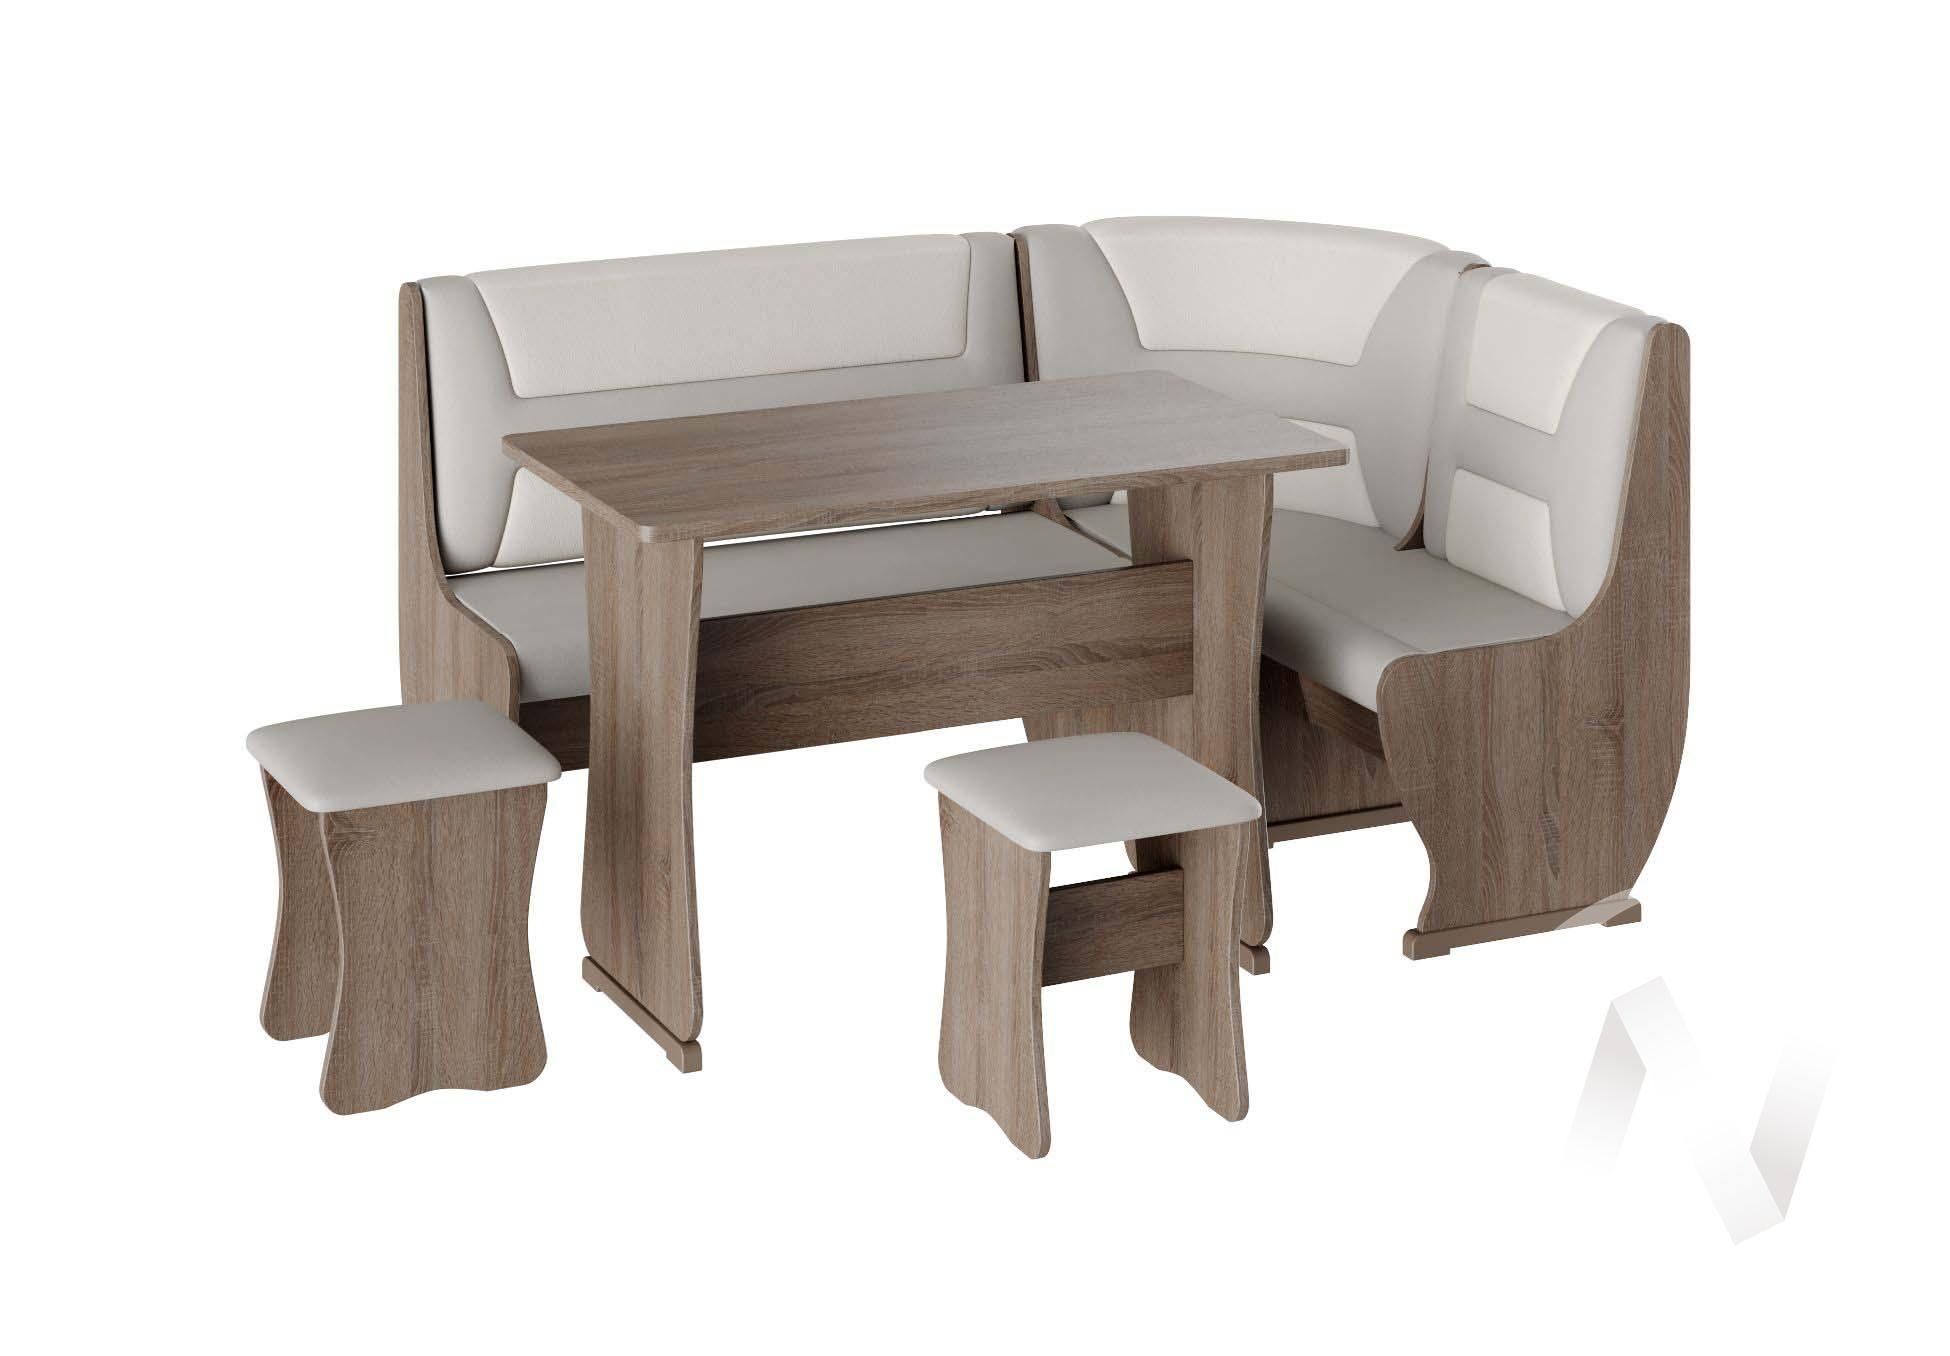 Кухонный уголок Уют 3 универсал кожзам (дуб сонома трюфель/серый,белый)  в Томске — интернет магазин МИРА-мебель